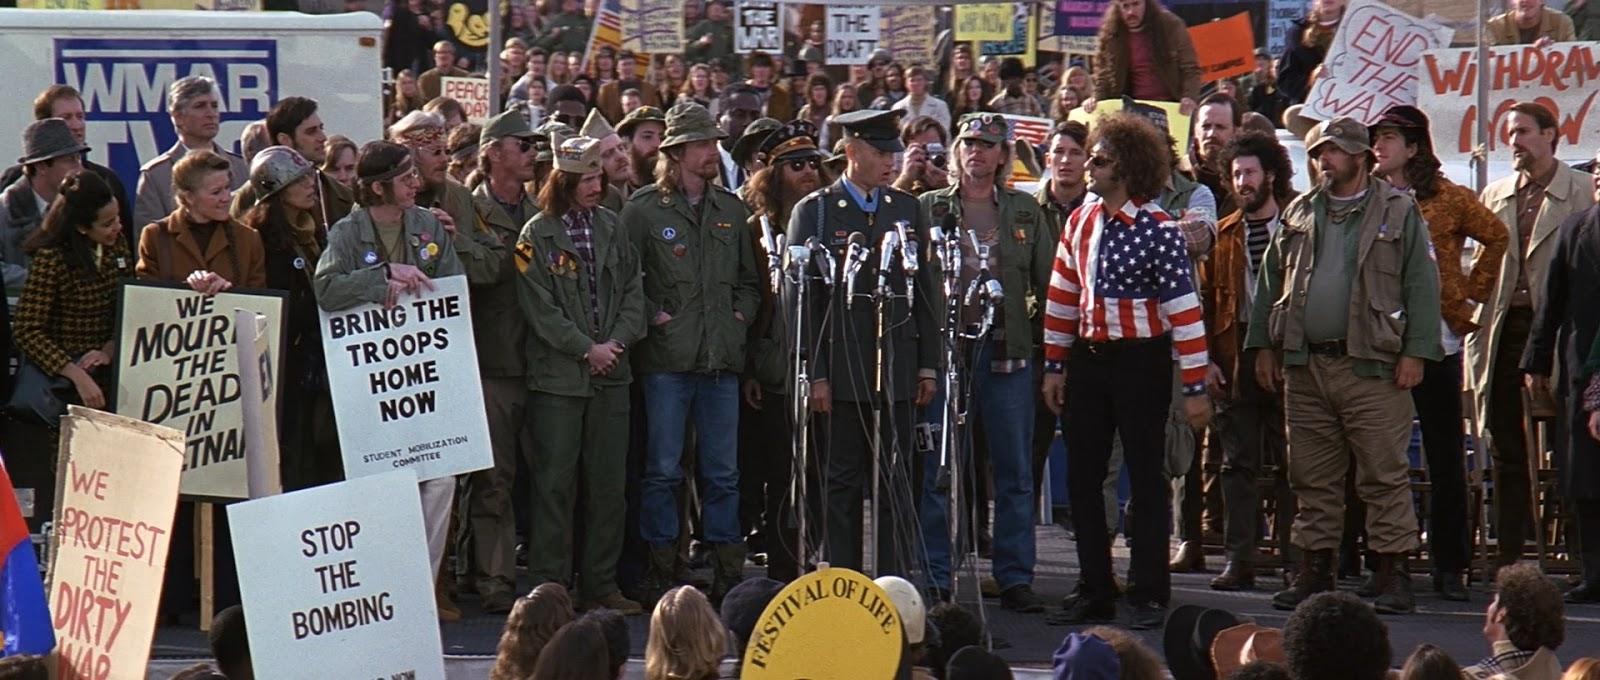 Forrest Gump (1994) 4